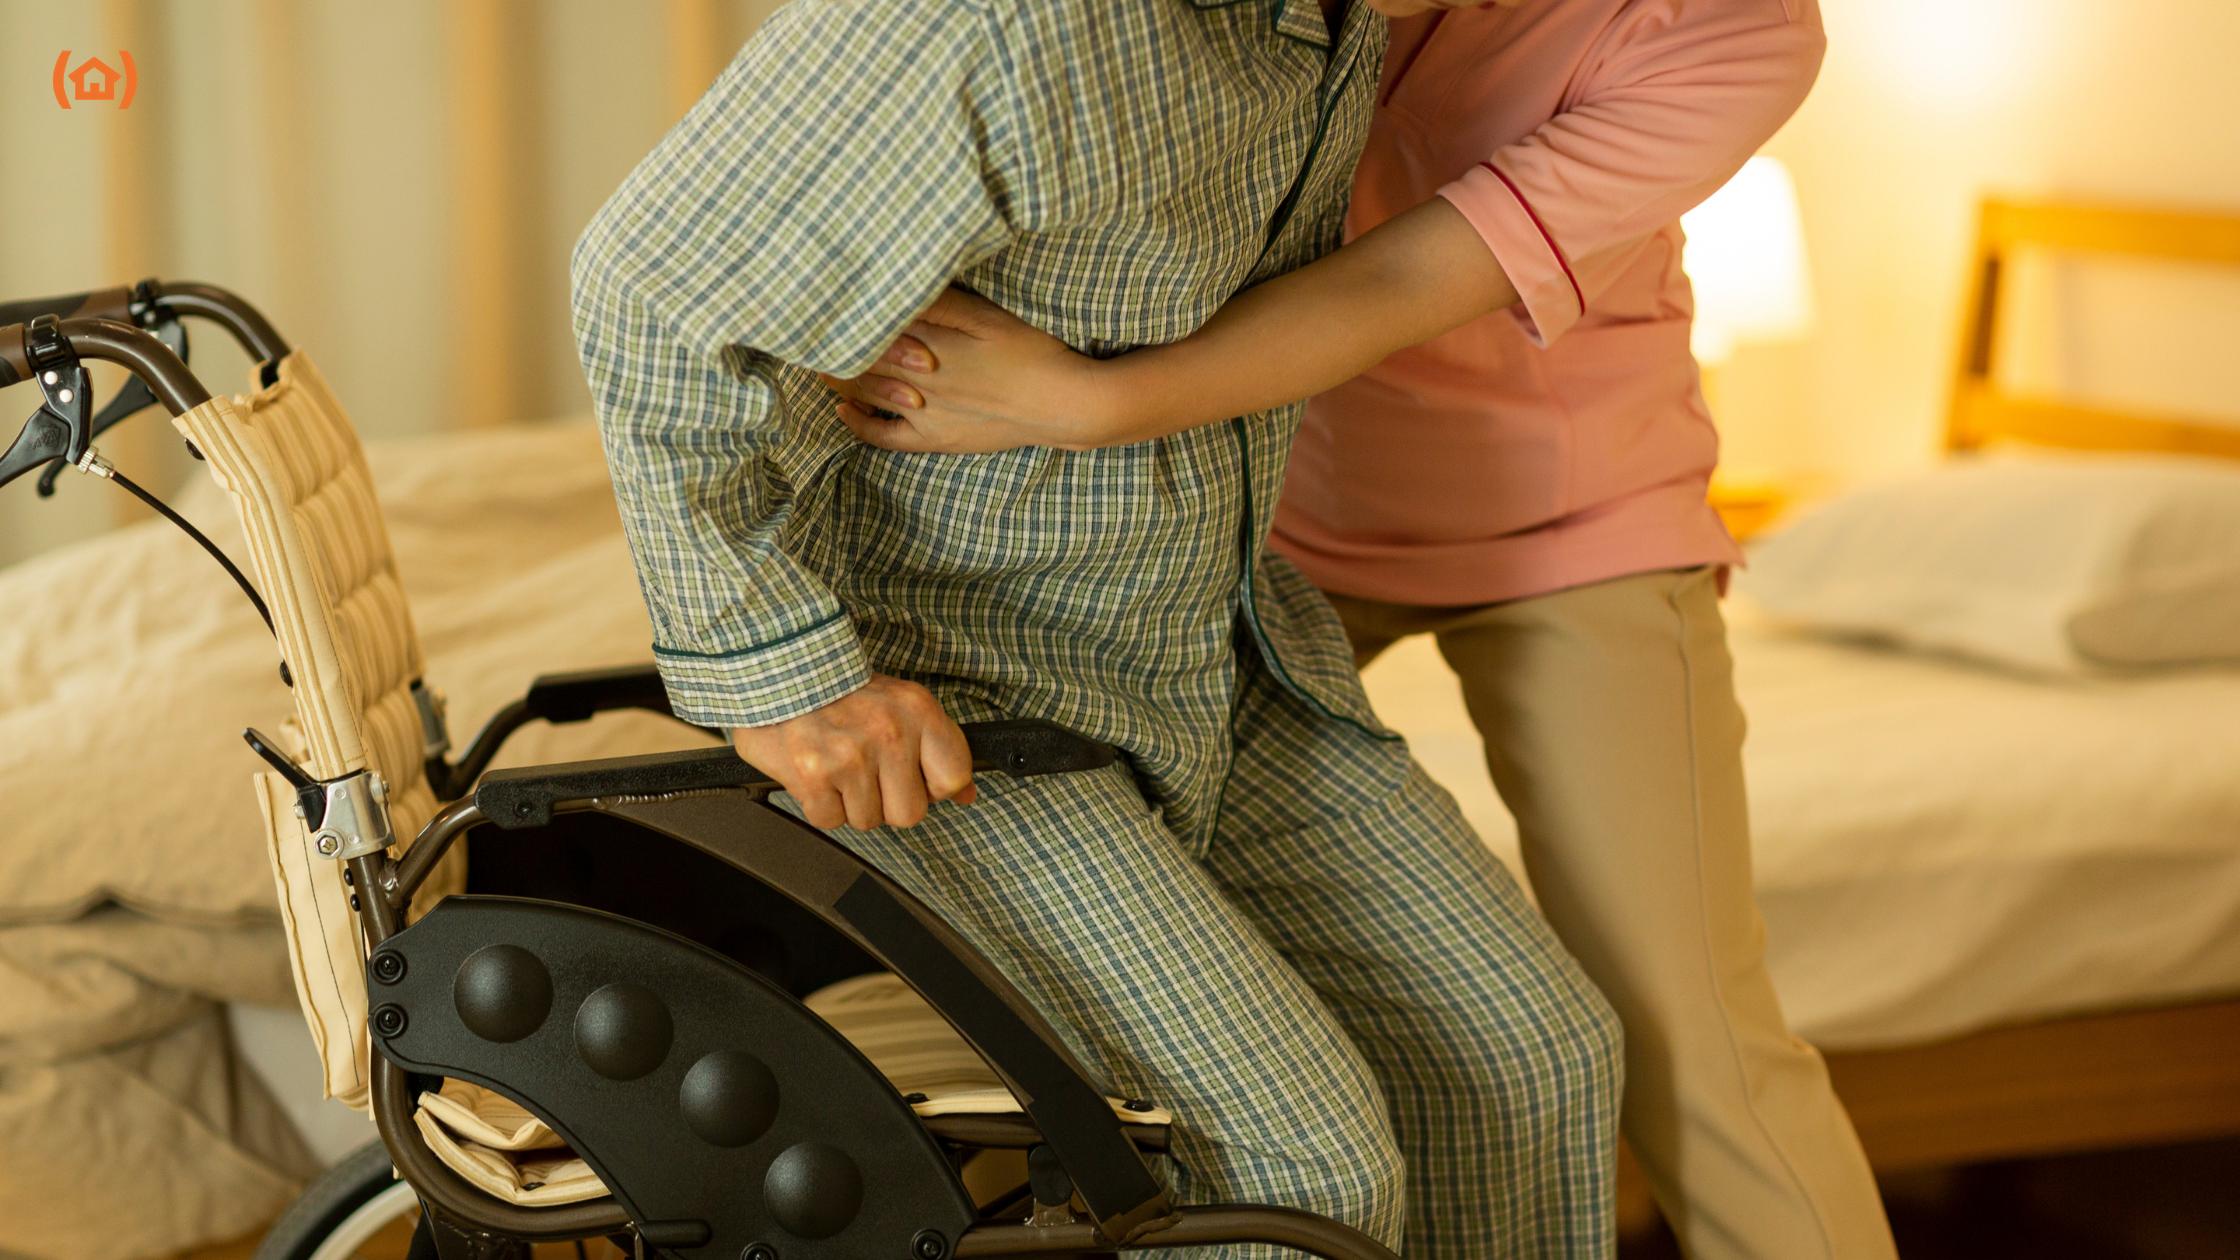 Desde Home Server os proporcionamos una serie de pasos para levantar a una persona mayor con movilidad reducida, de forma más sencilla.